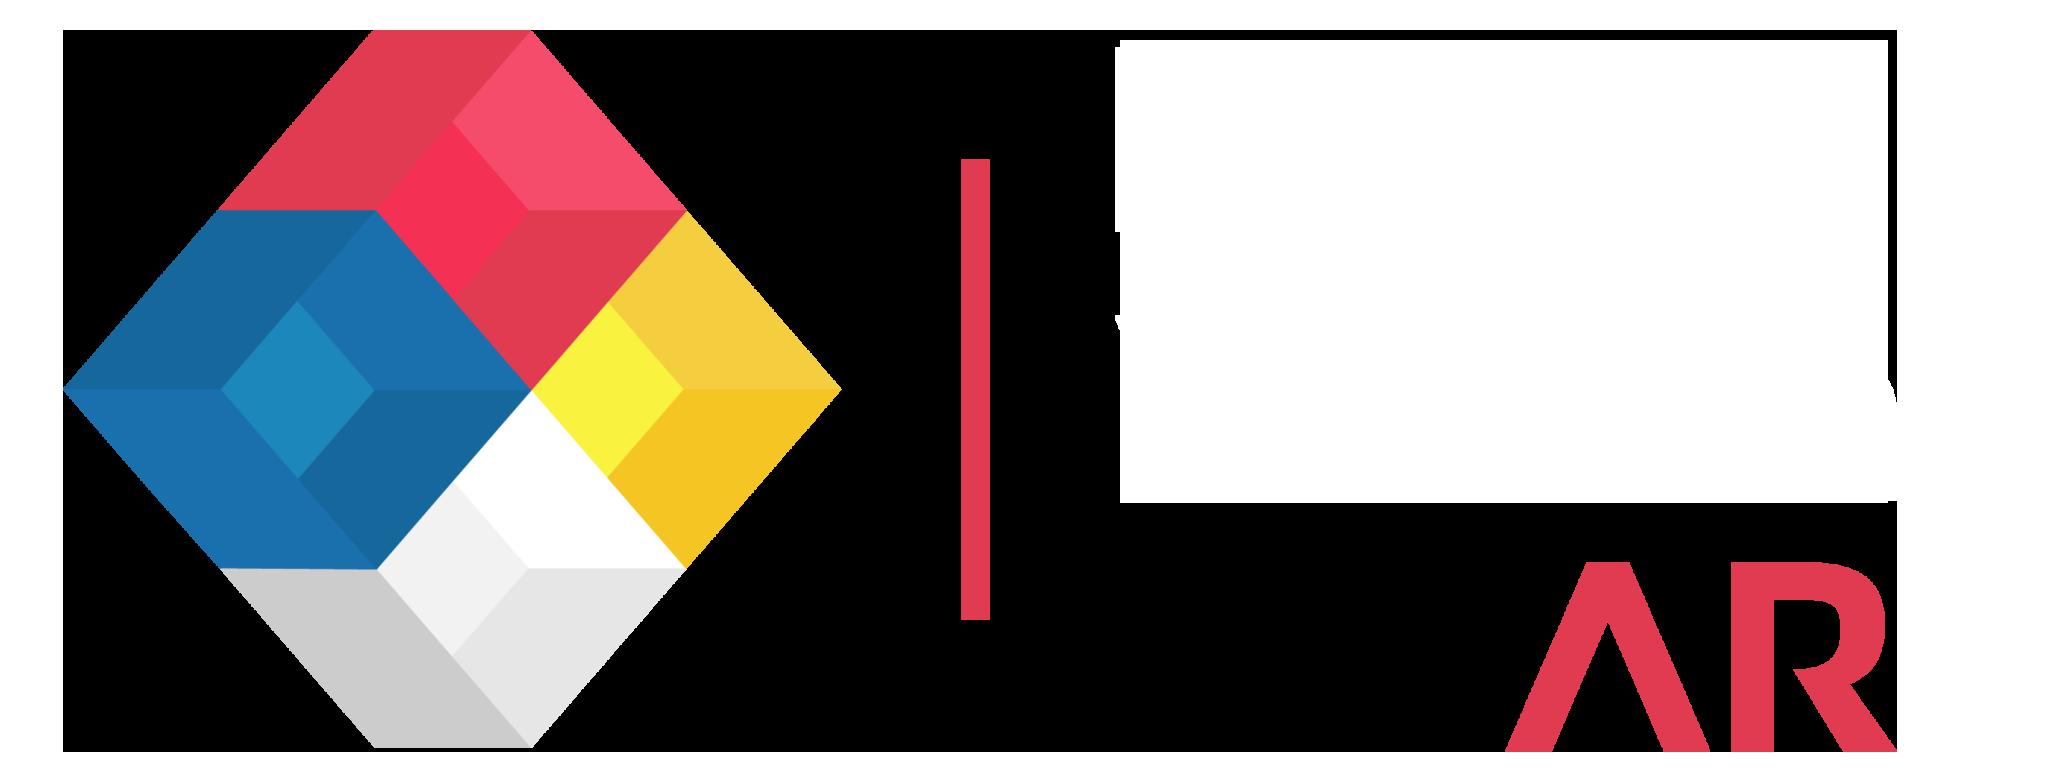 Fire Vision AR